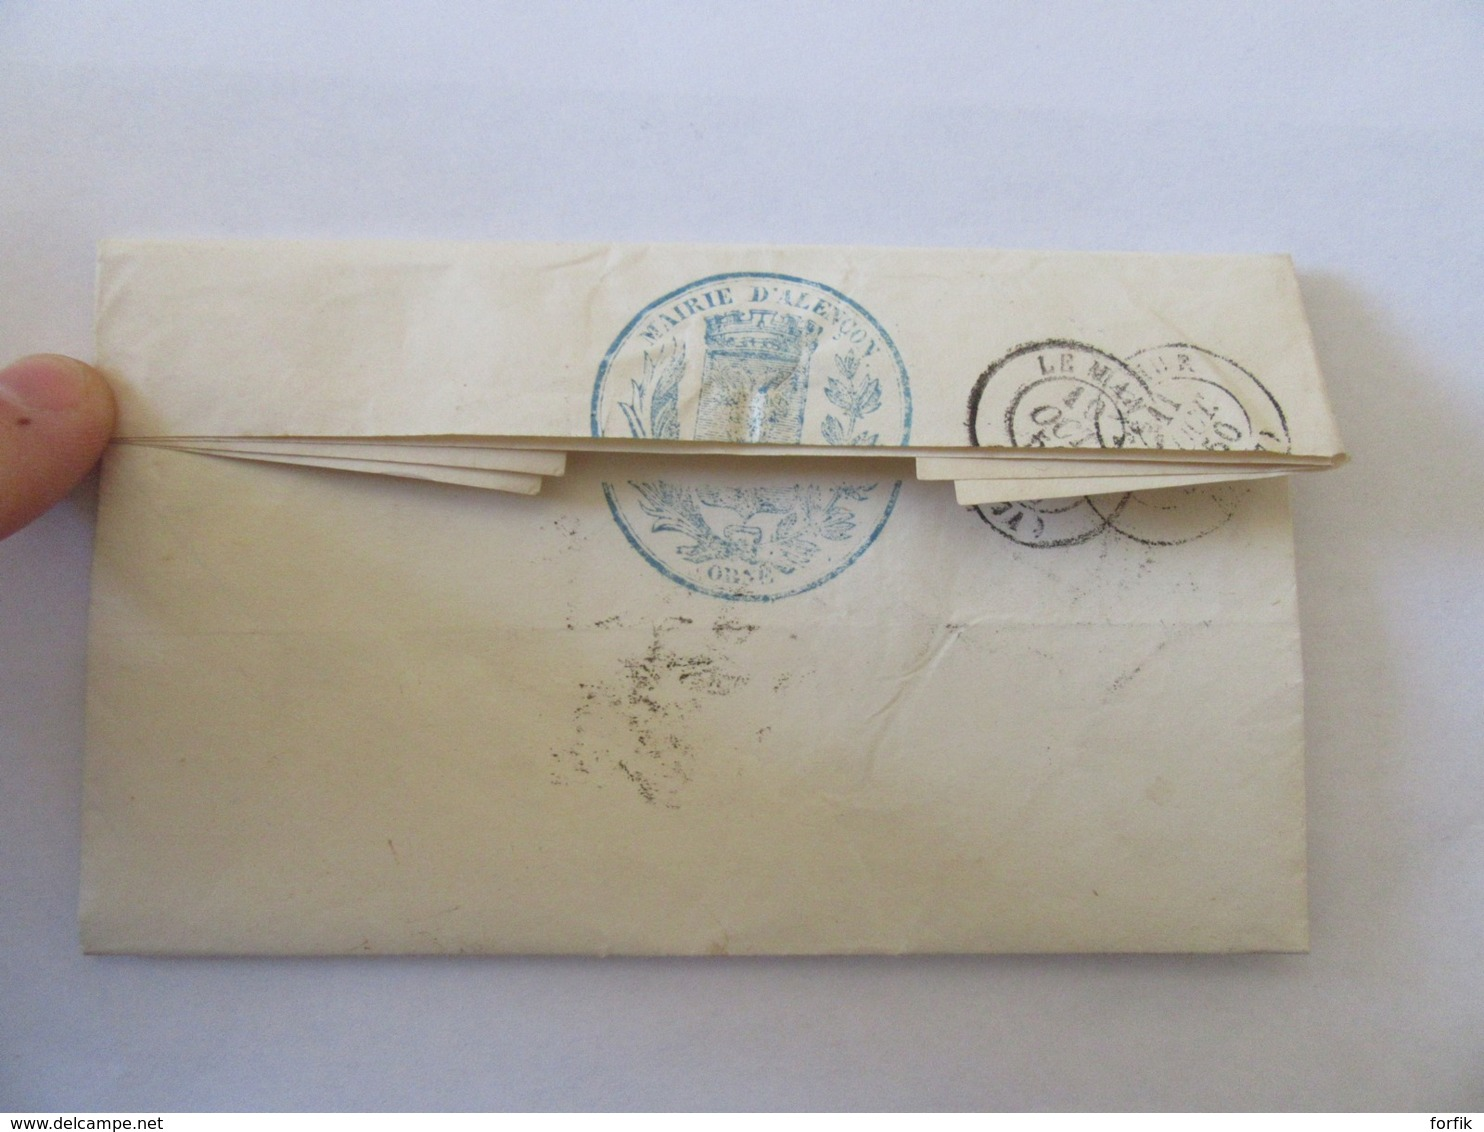 Lettre Du Maire D'Alençon Vers Celui De Saumur - Chiffre Taxe 25 + Cachet Bleu Mairie D'Alençon - 1850 - Postmark Collection (Covers)